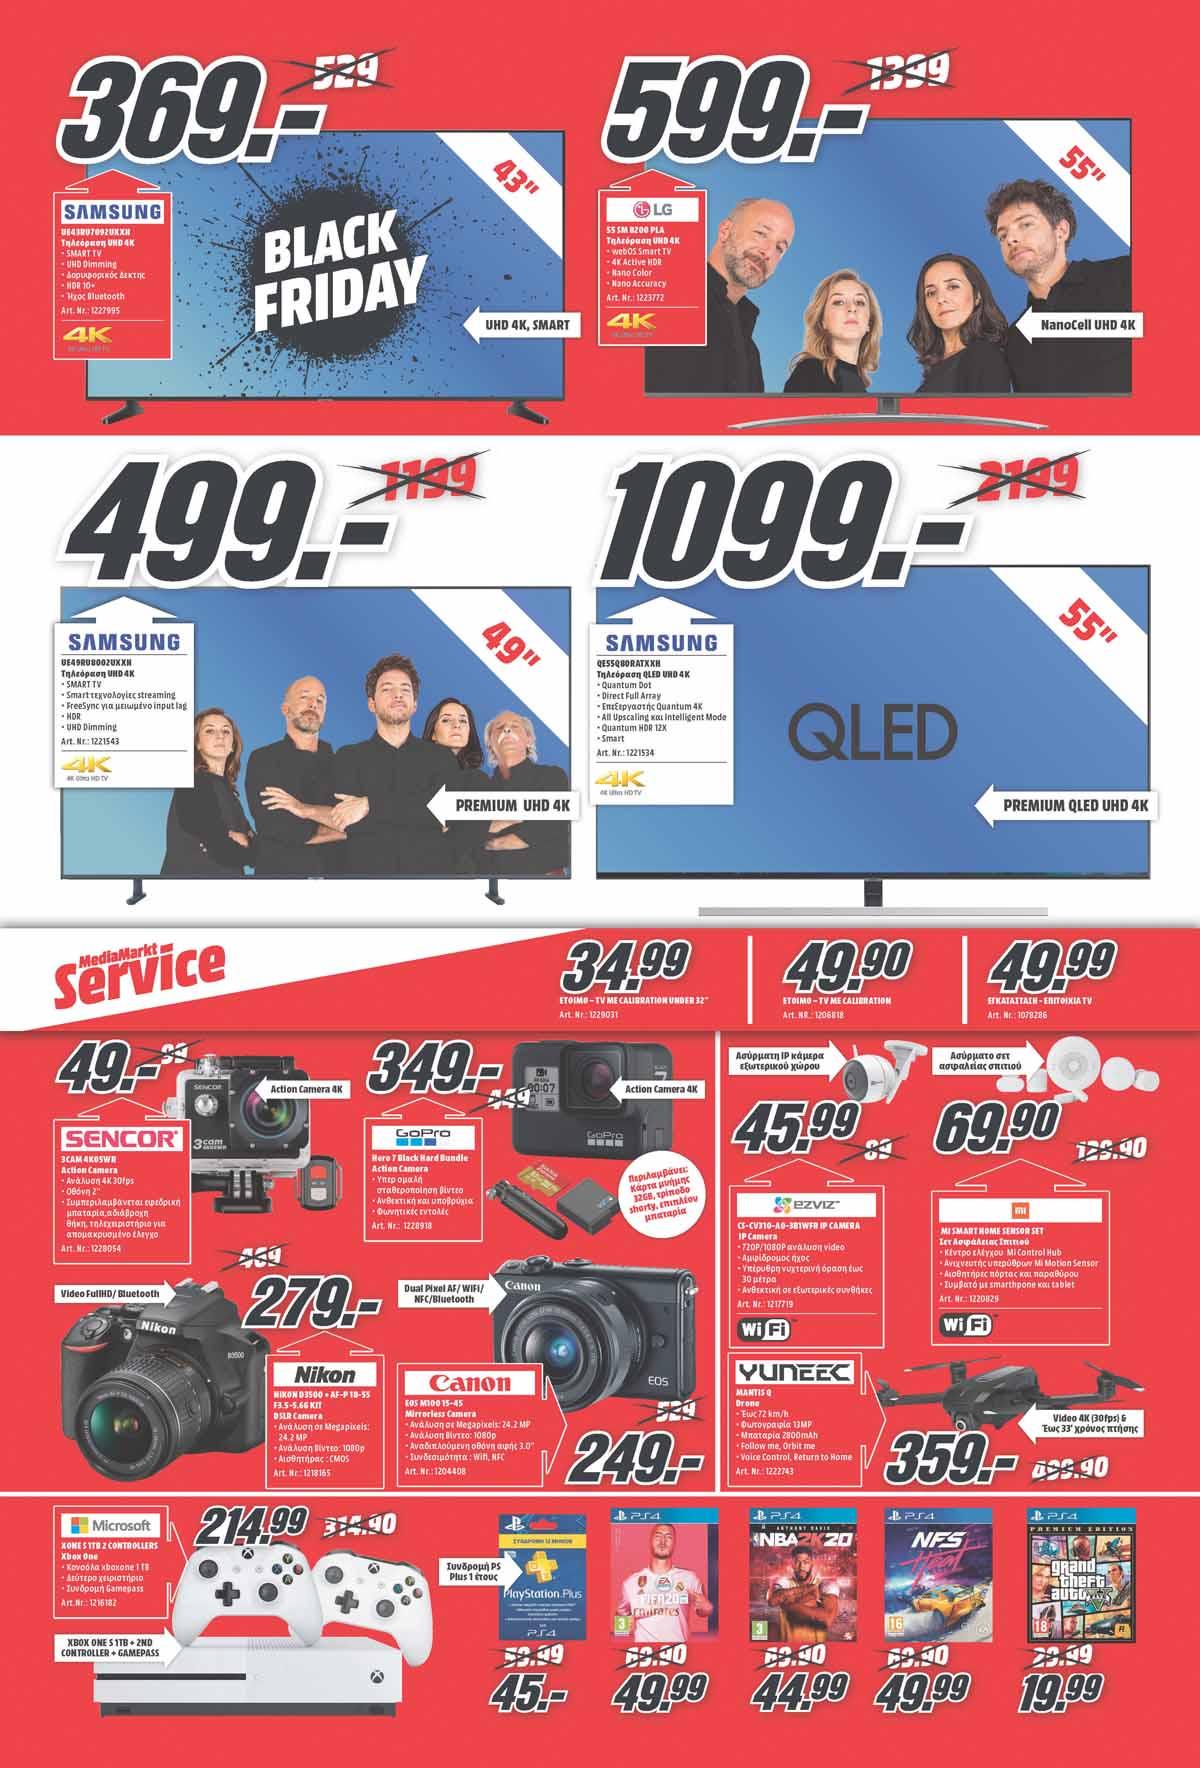 media-markt-black-friday-2019-prosfores-black-friday-mediamarktgr-(2)